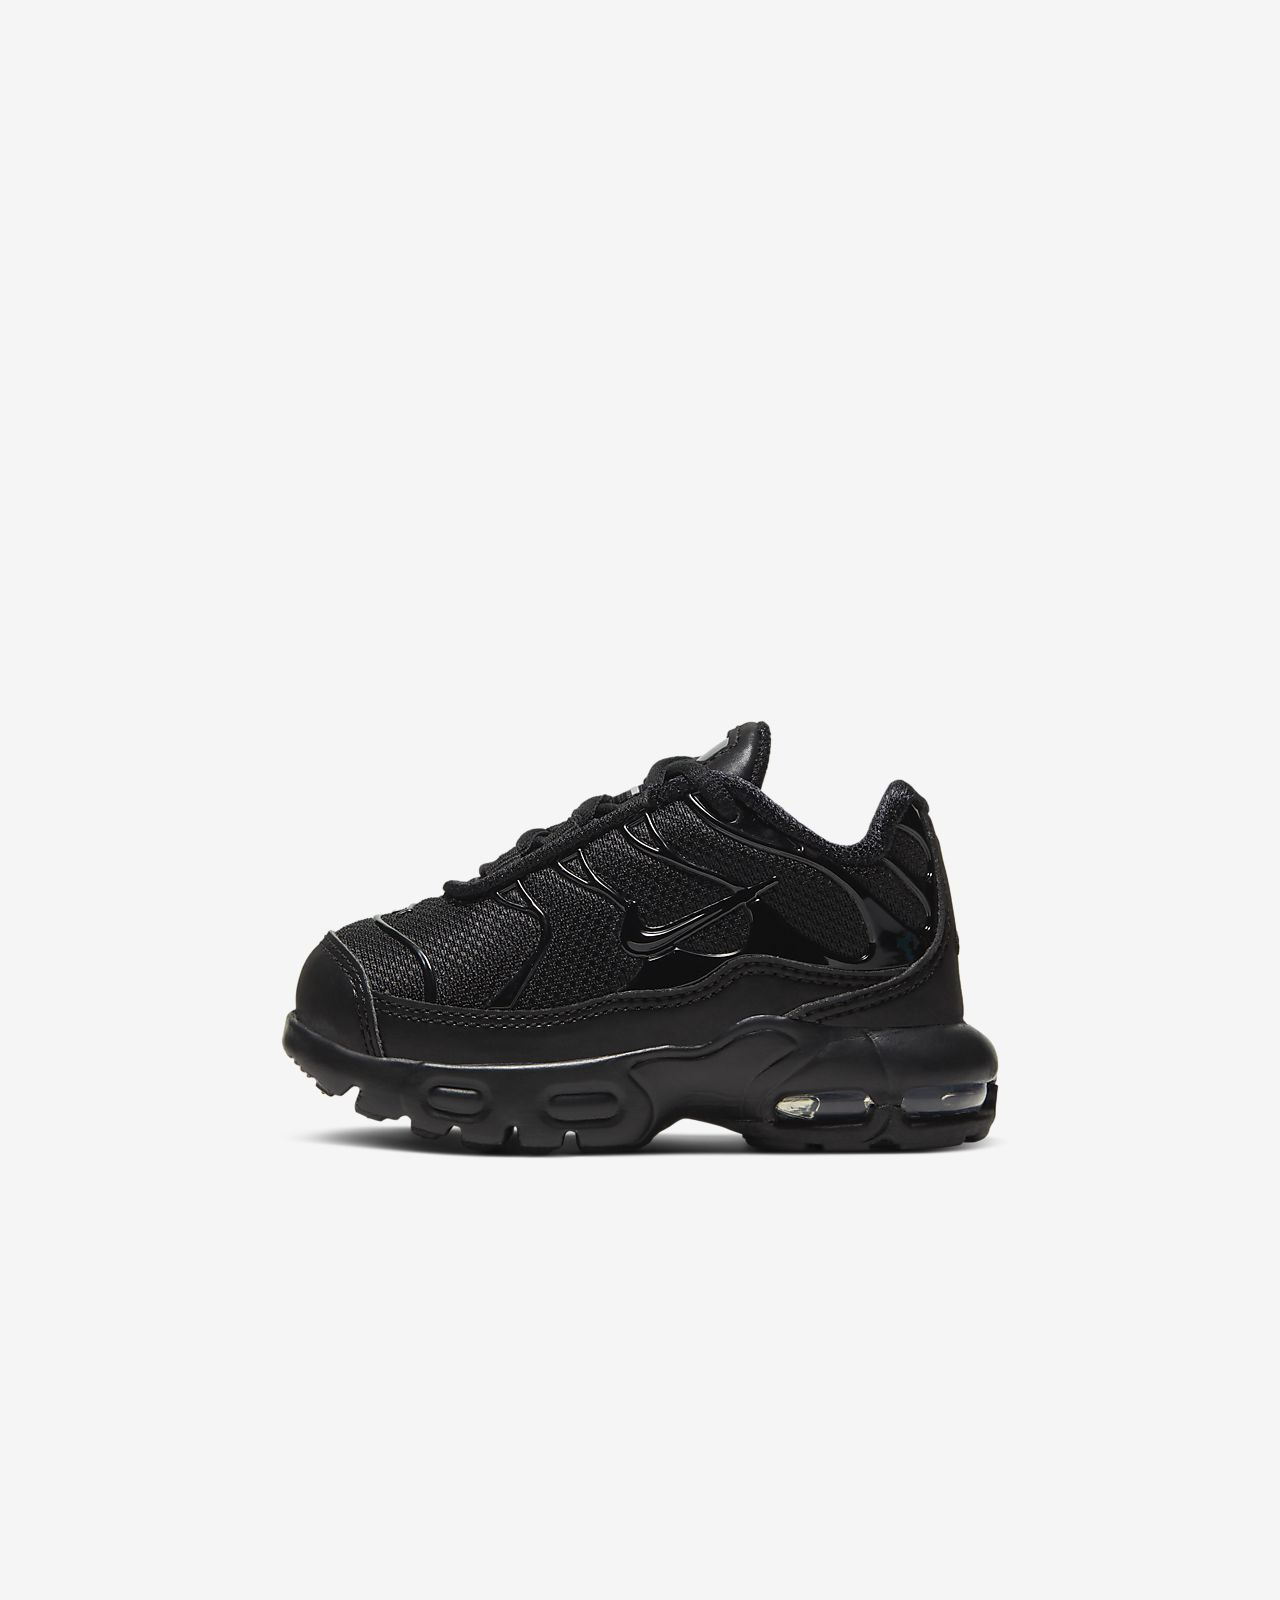 Chaussure Nike Air Max Plus pour BébéPetit enfant